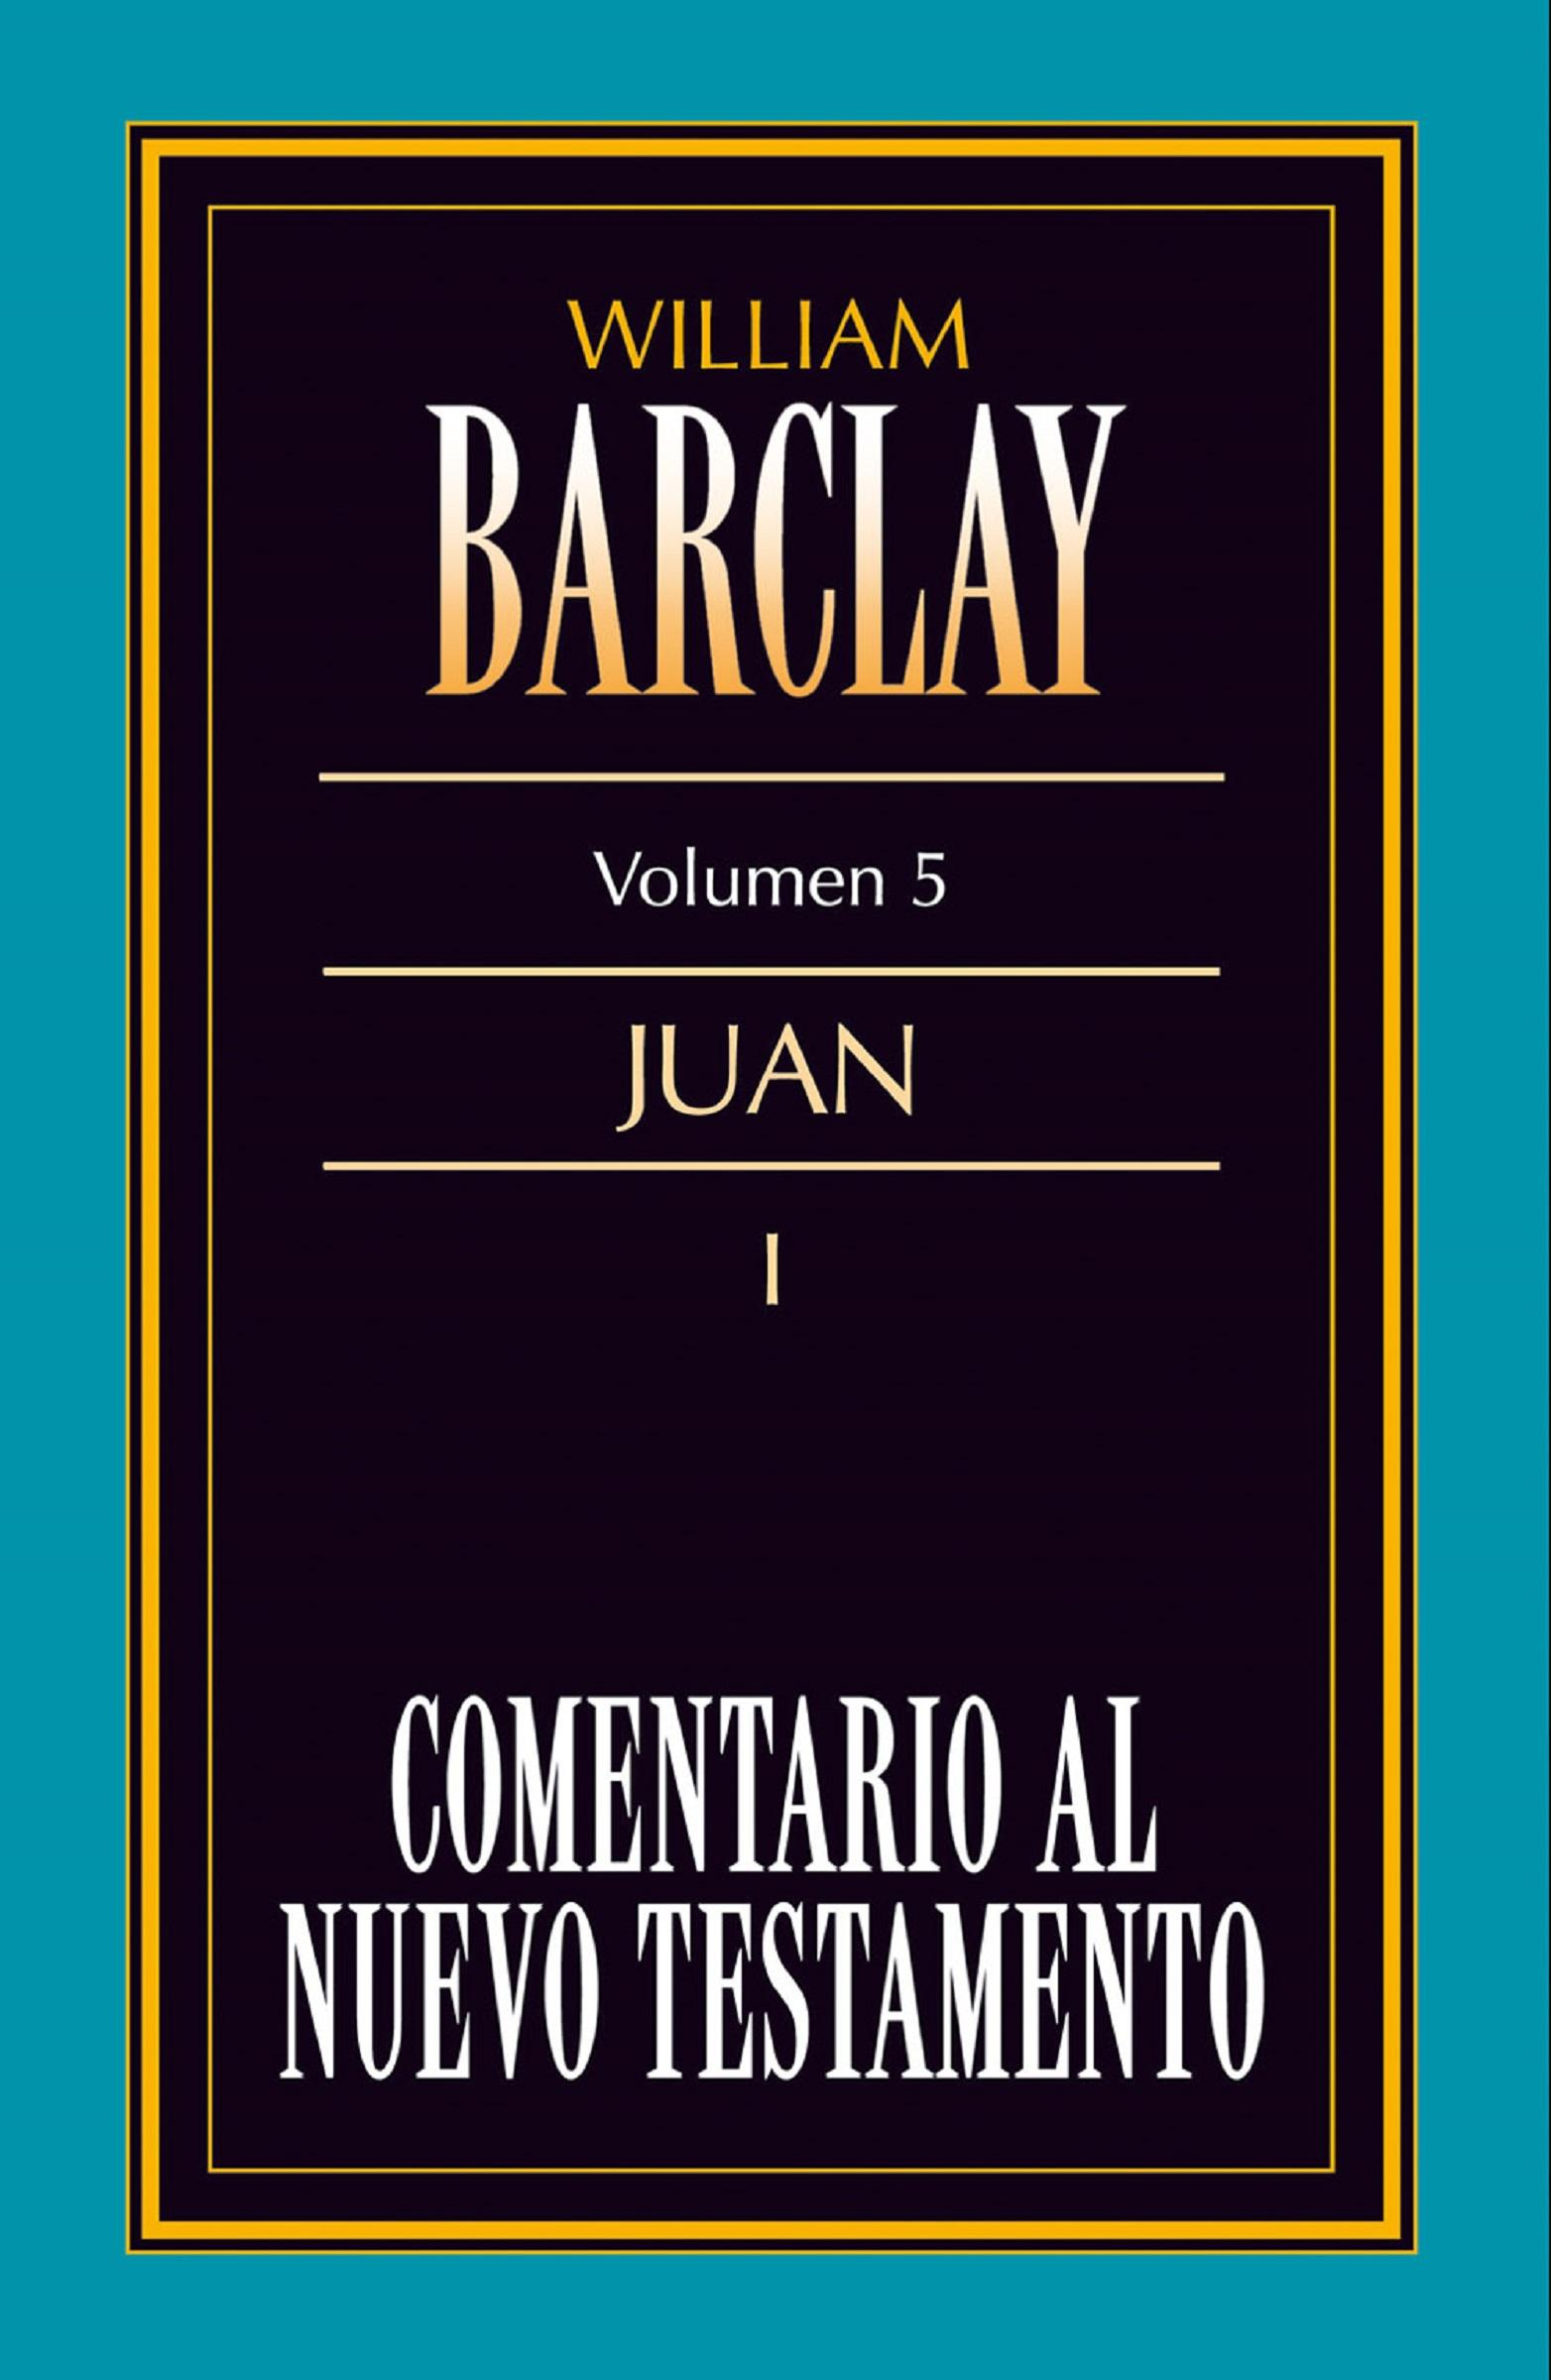 William Barclay Comentario al Nuevo Testamento Vol. 5 betty barclay блузка